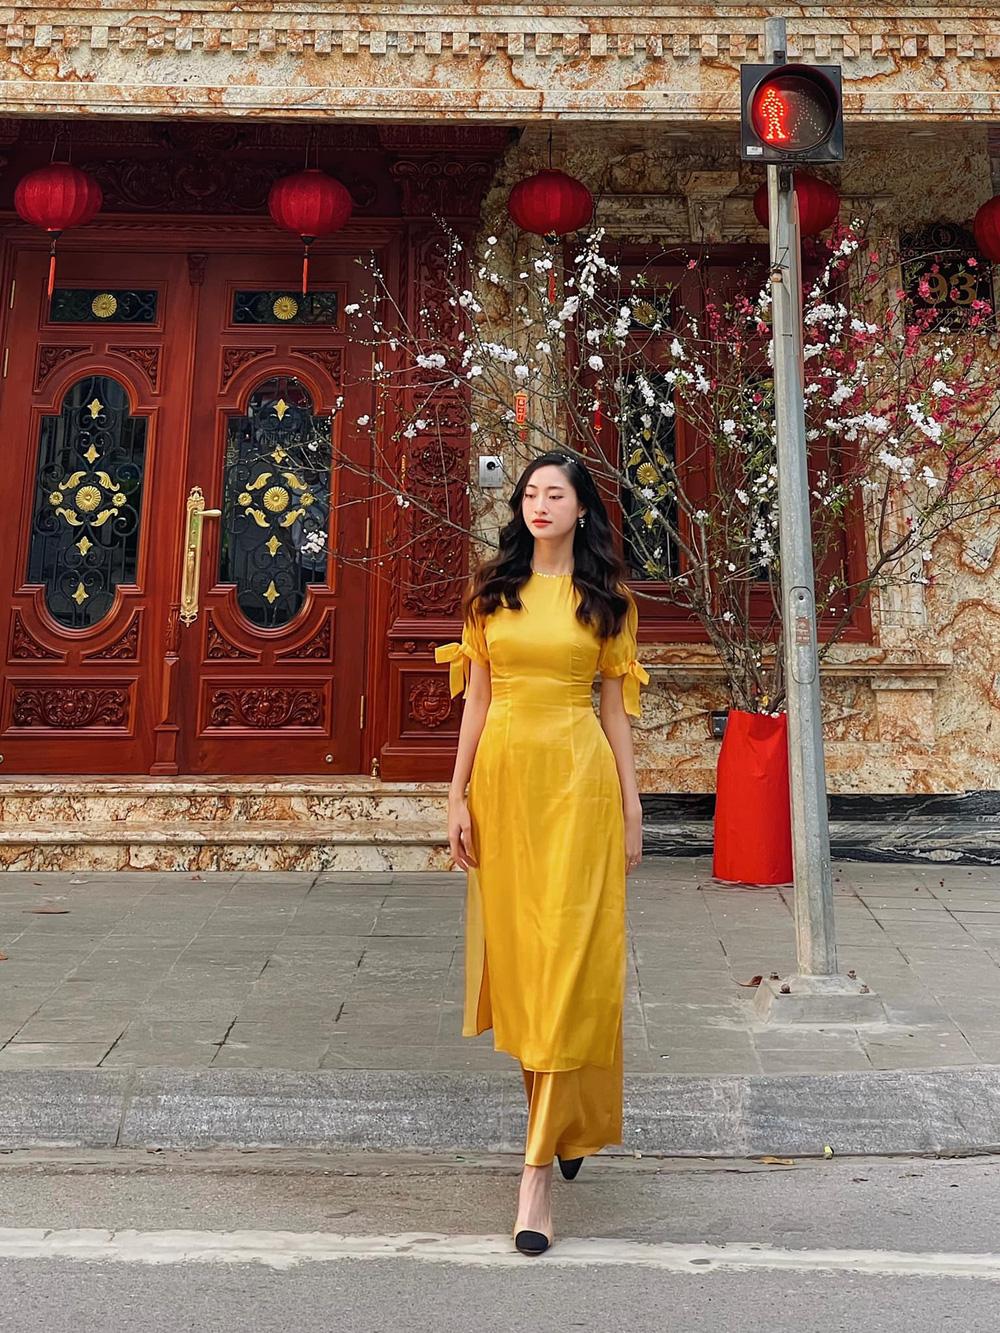 Đỗ Thị Hà và dàn Hoa hậu diện áo dài đầu xuân, ai cũng xinh đẹp ngút ngàn - Ảnh 5.